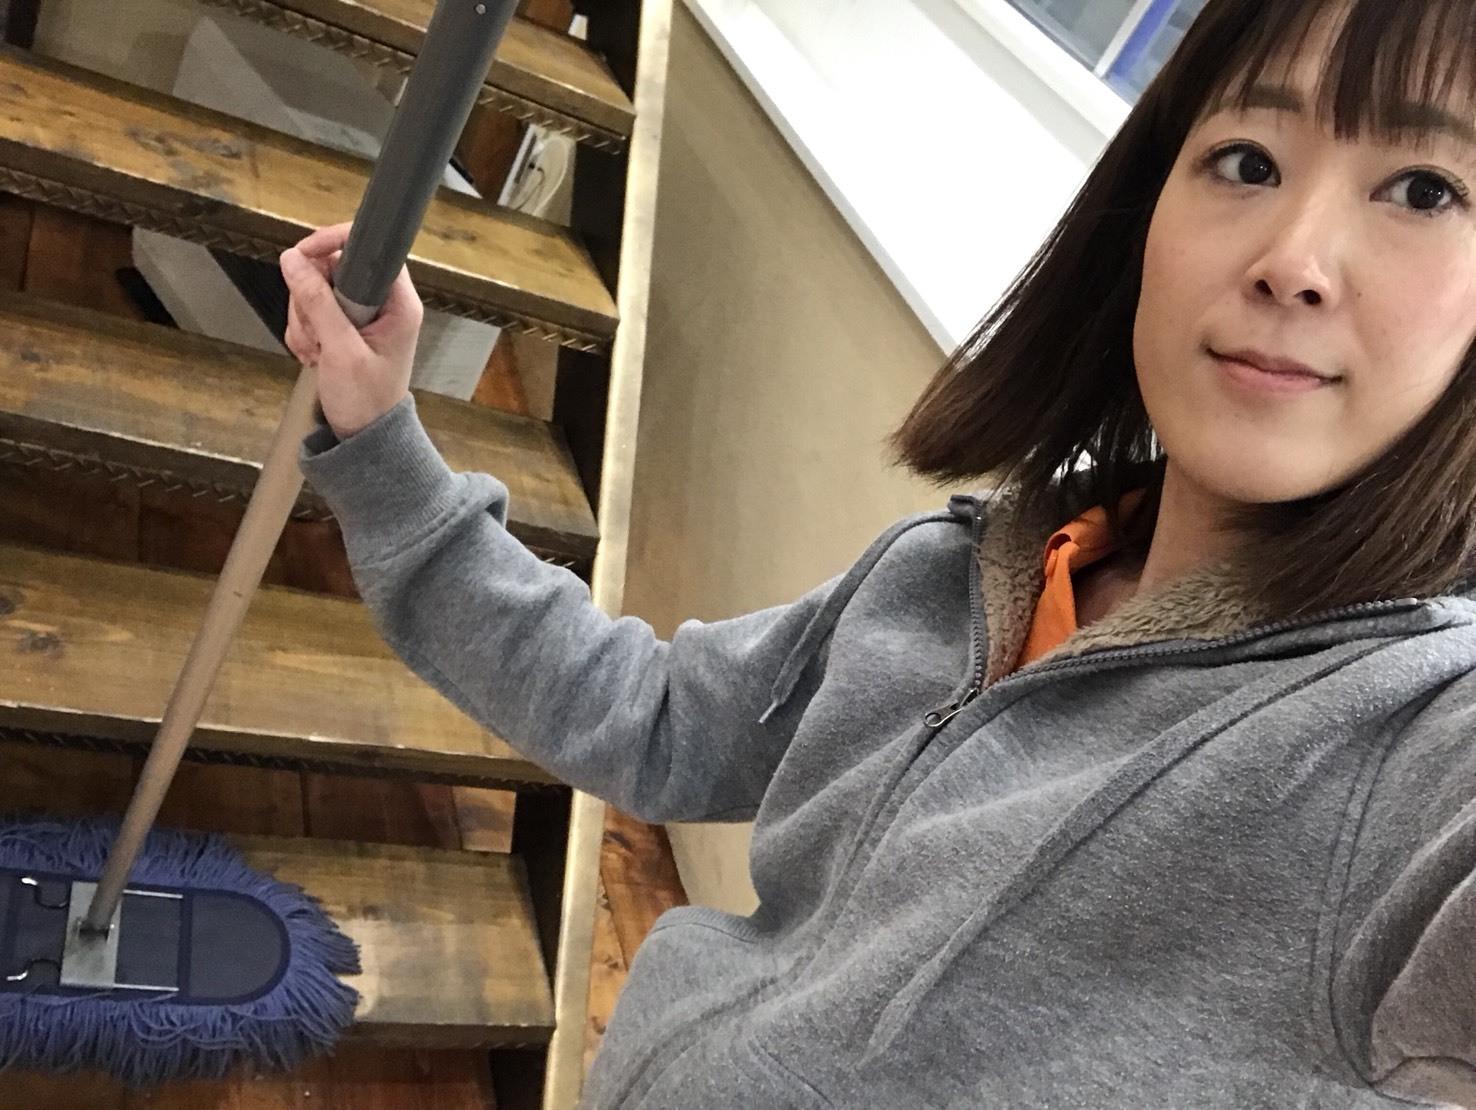 4月12日(木)トミーベース カスタムブログ☆パナメーラ、オーディオカスタム中☆ビックモニターの取り付けはお任せ下さい☆ _b0127002_11000945.jpg